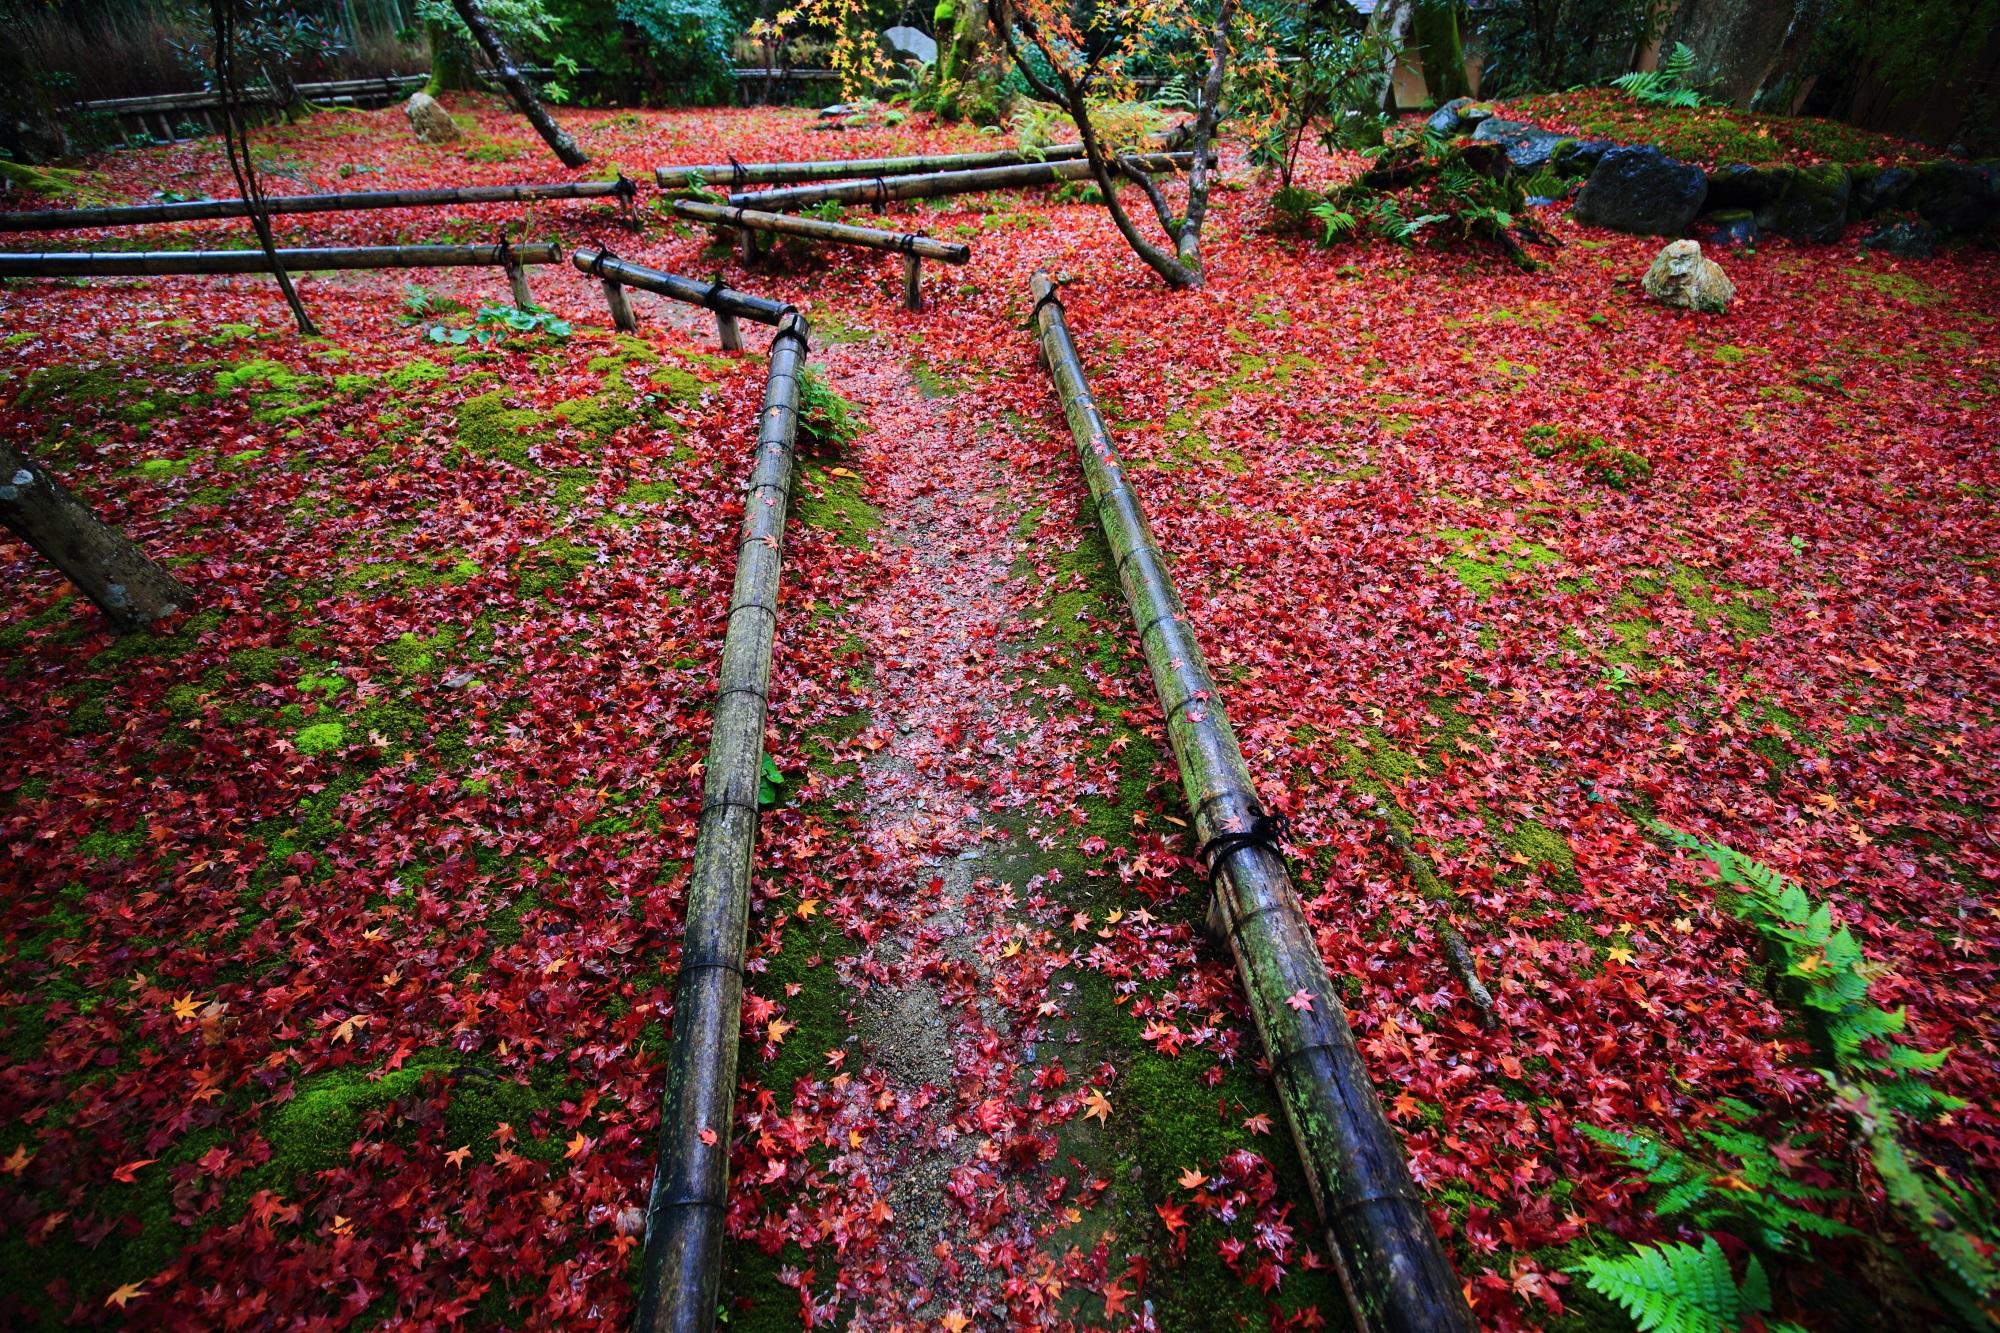 直指庵の苔庭の見事な散りもみじ